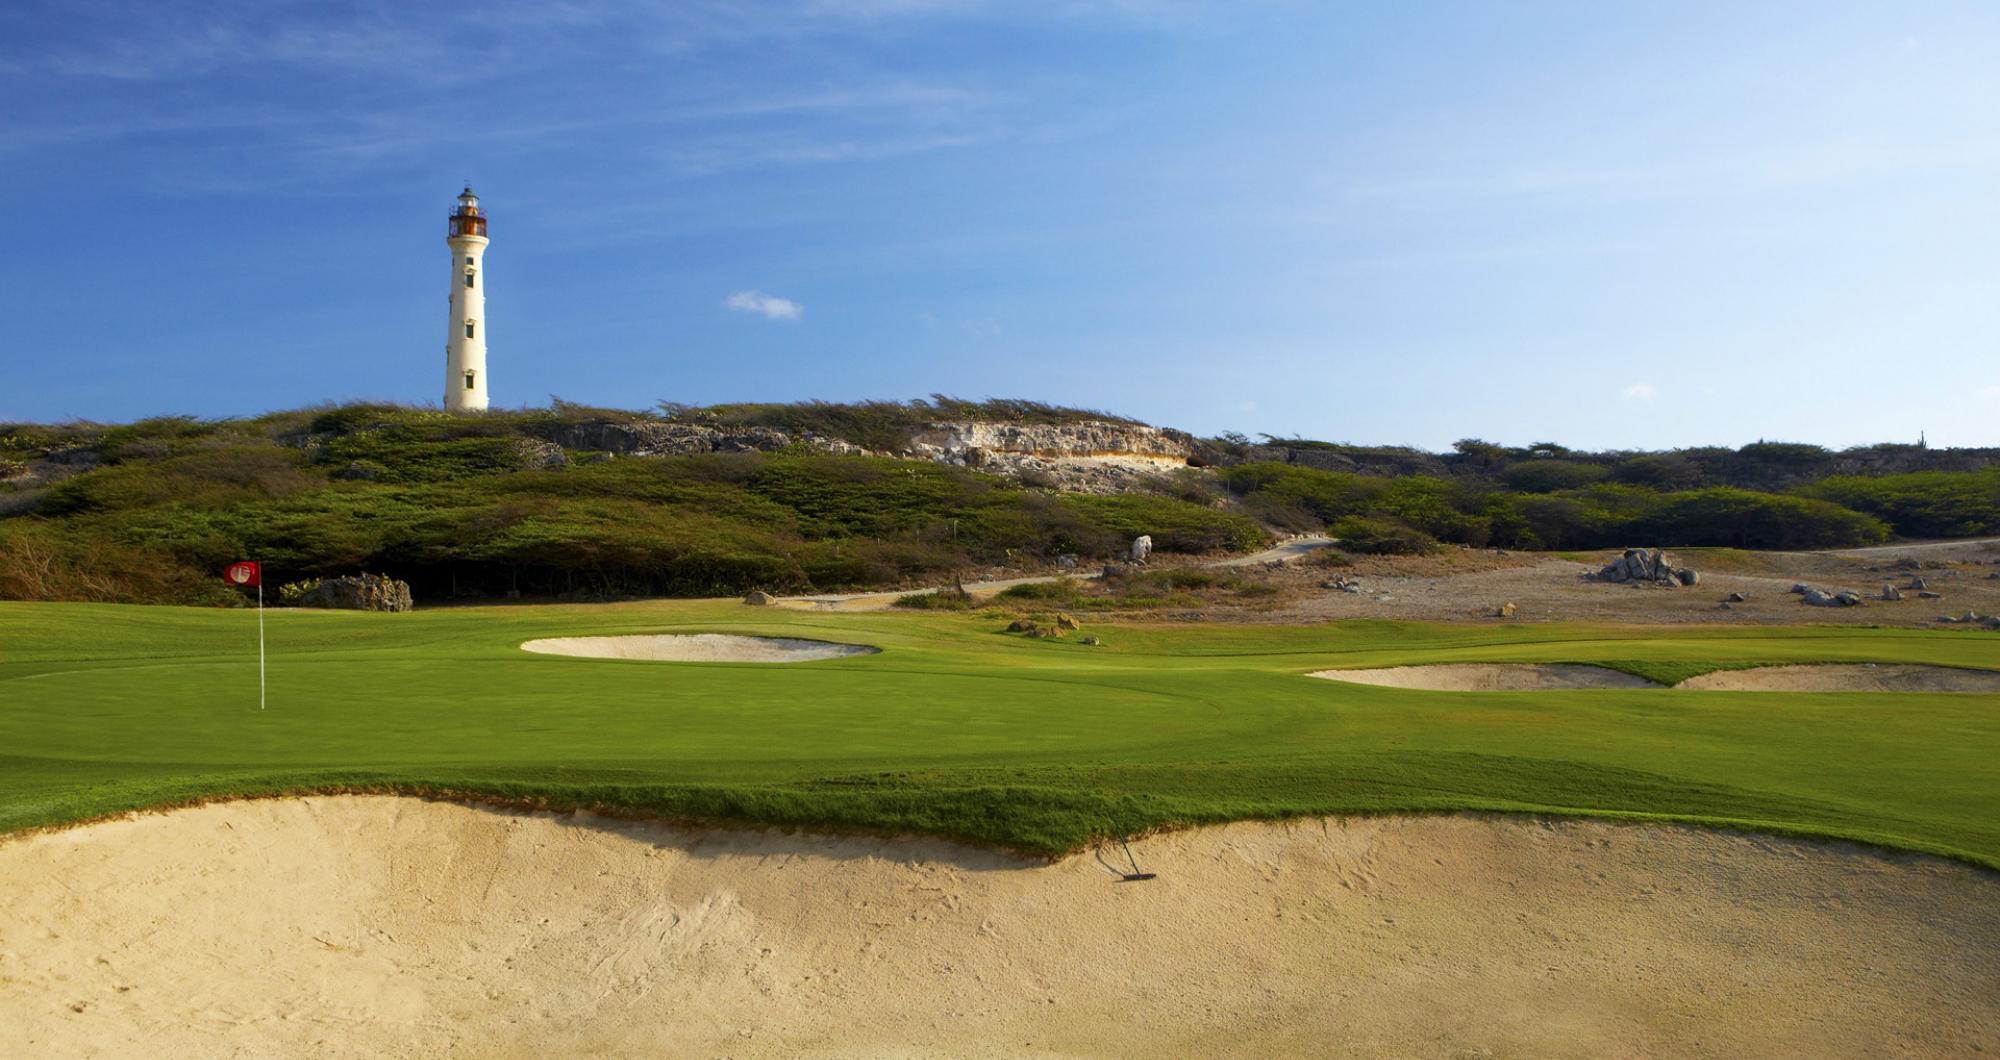 tierra_del_sol_golf_Aruba_oranjestad_destination